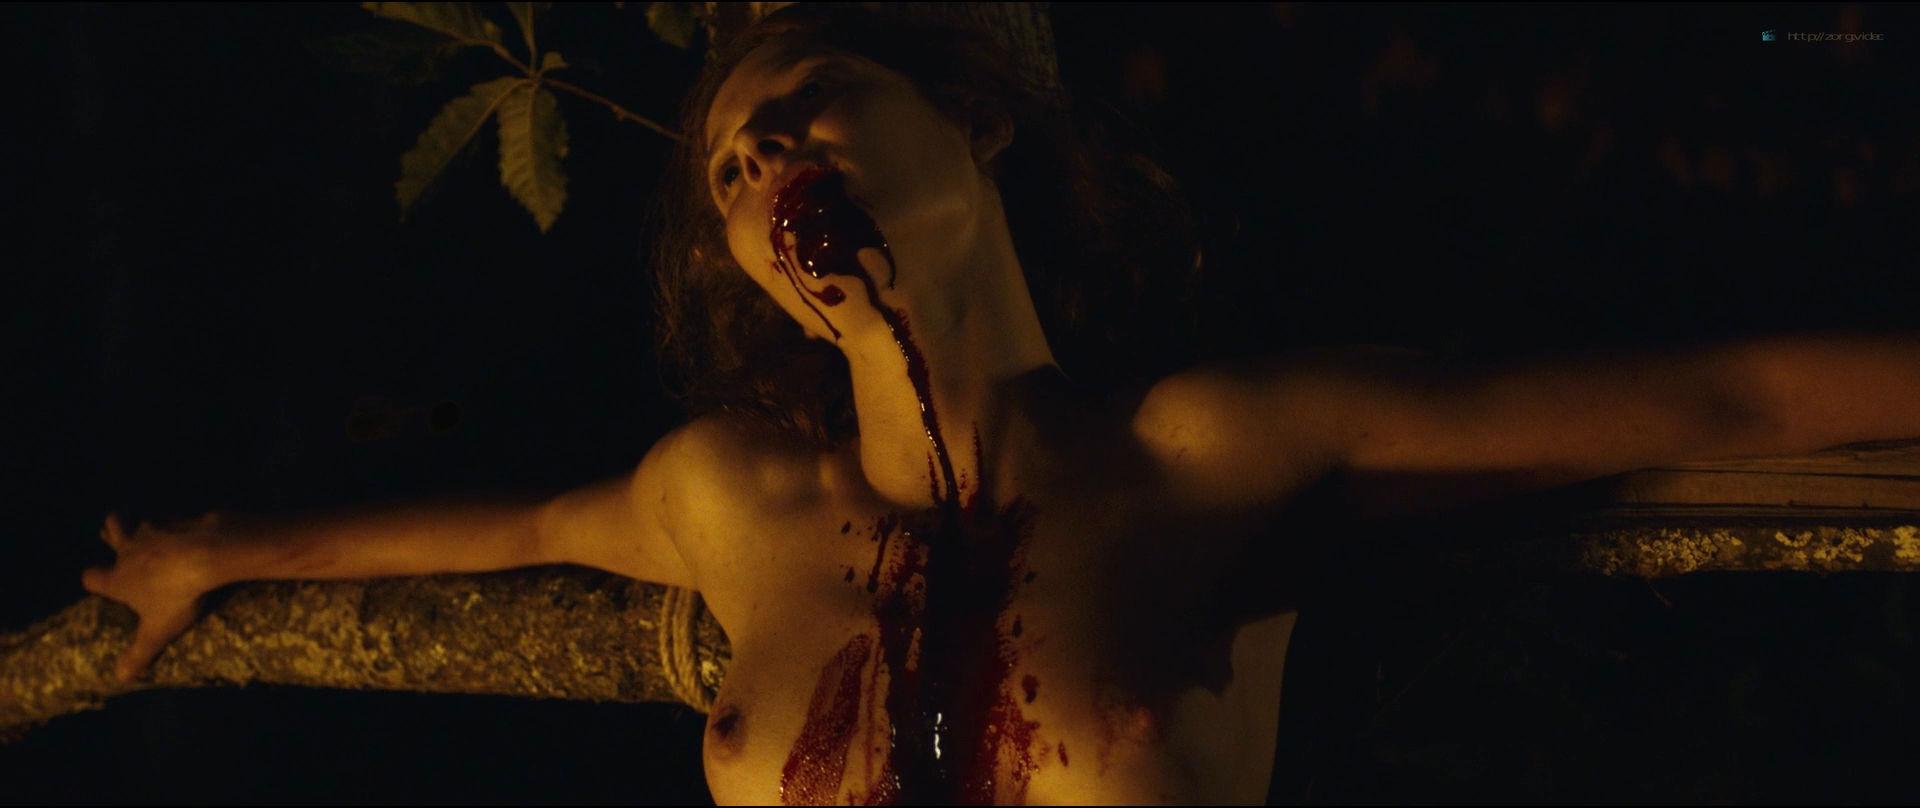 Marianna Fontana nude full frontal Jenna Thiam others nude - Capri-Revolution (2018) HD 1080p BluRay (4)